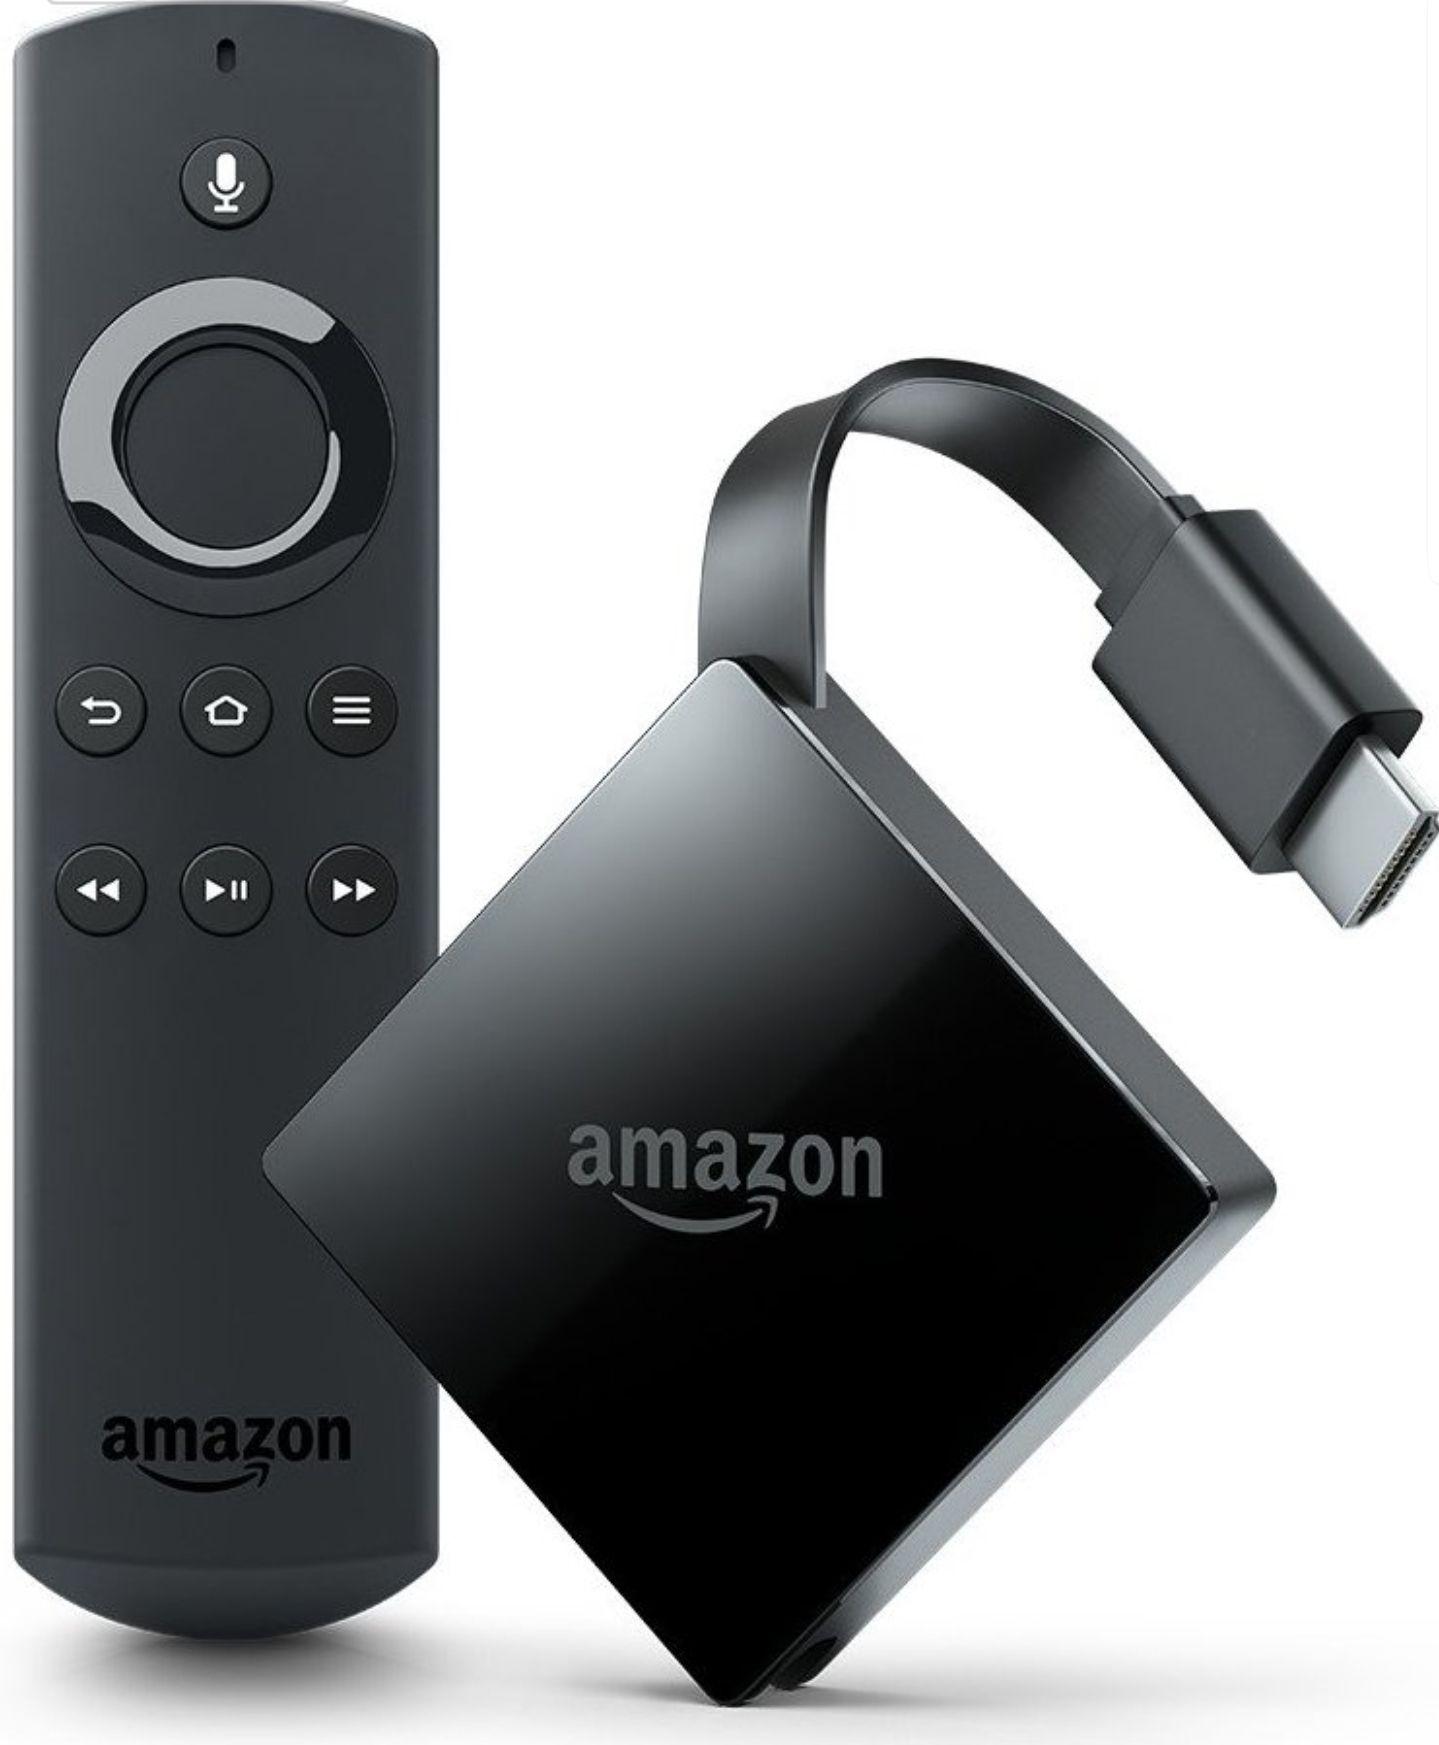 Fire TV mit 4K Ultra HD and Alexa-Sprachfernbedienung, Zertifiziert und generalüberholt  Für 55.45€